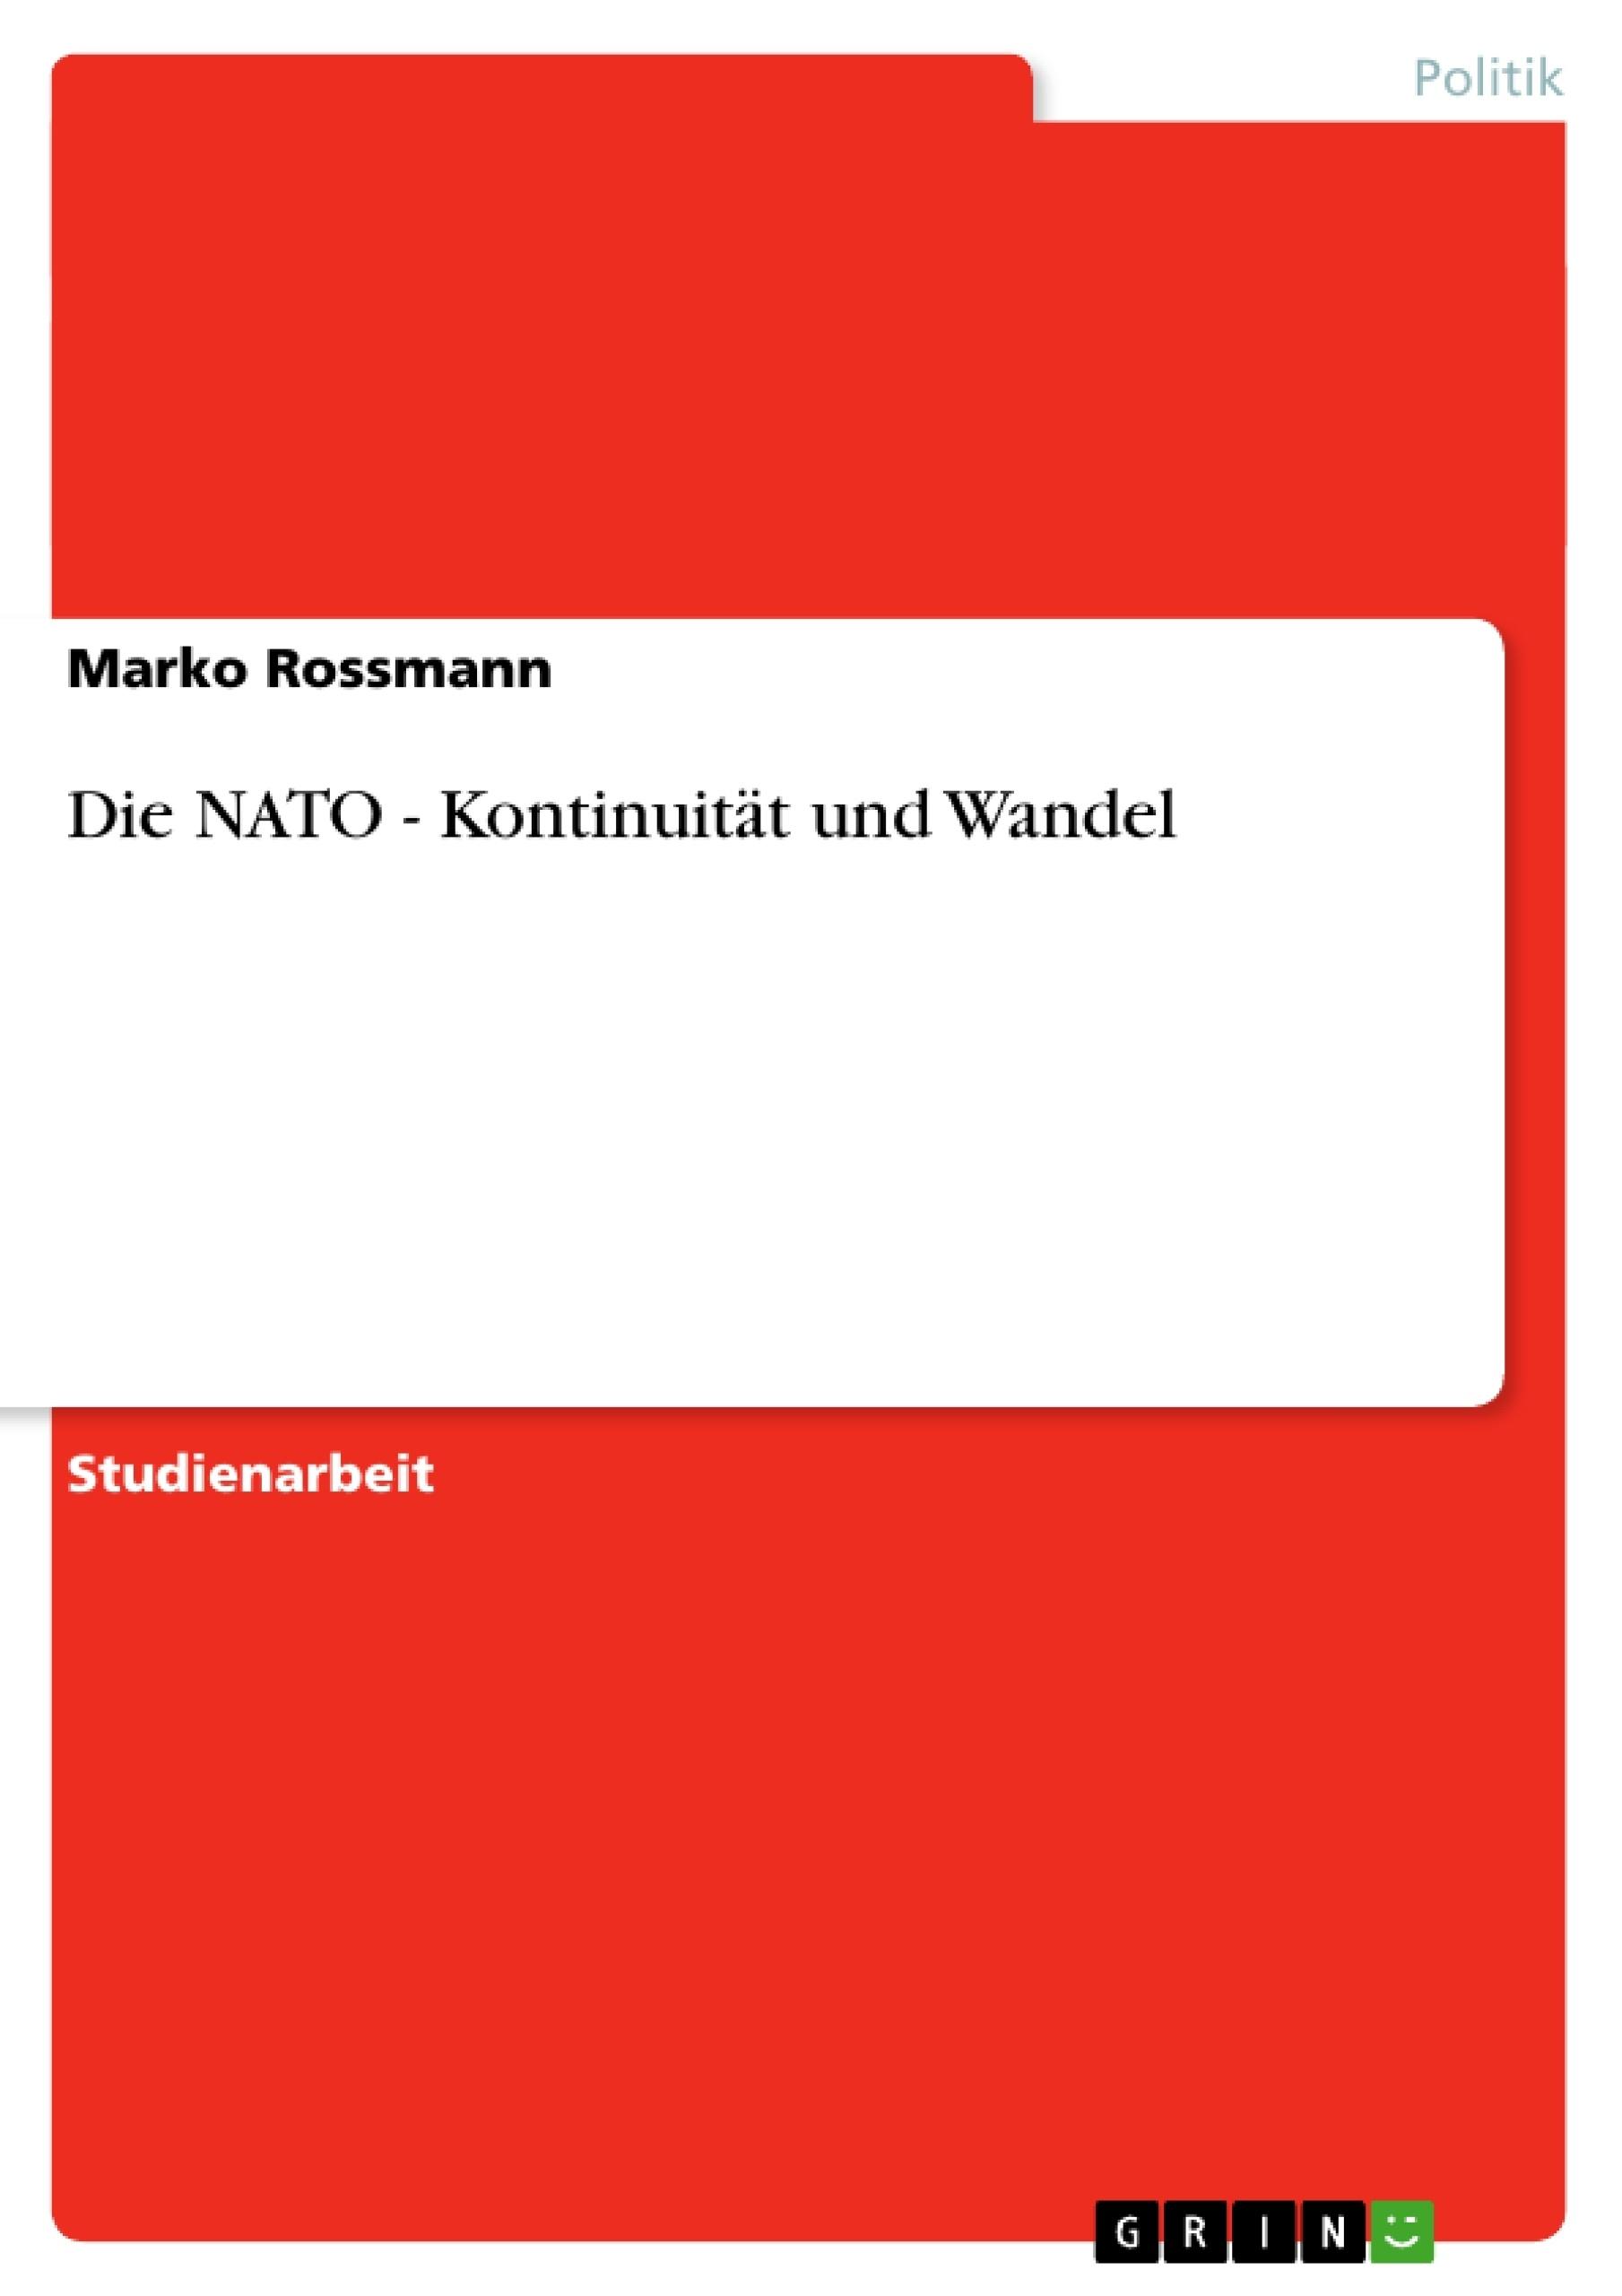 Titel: Die NATO - Kontinuität und Wandel